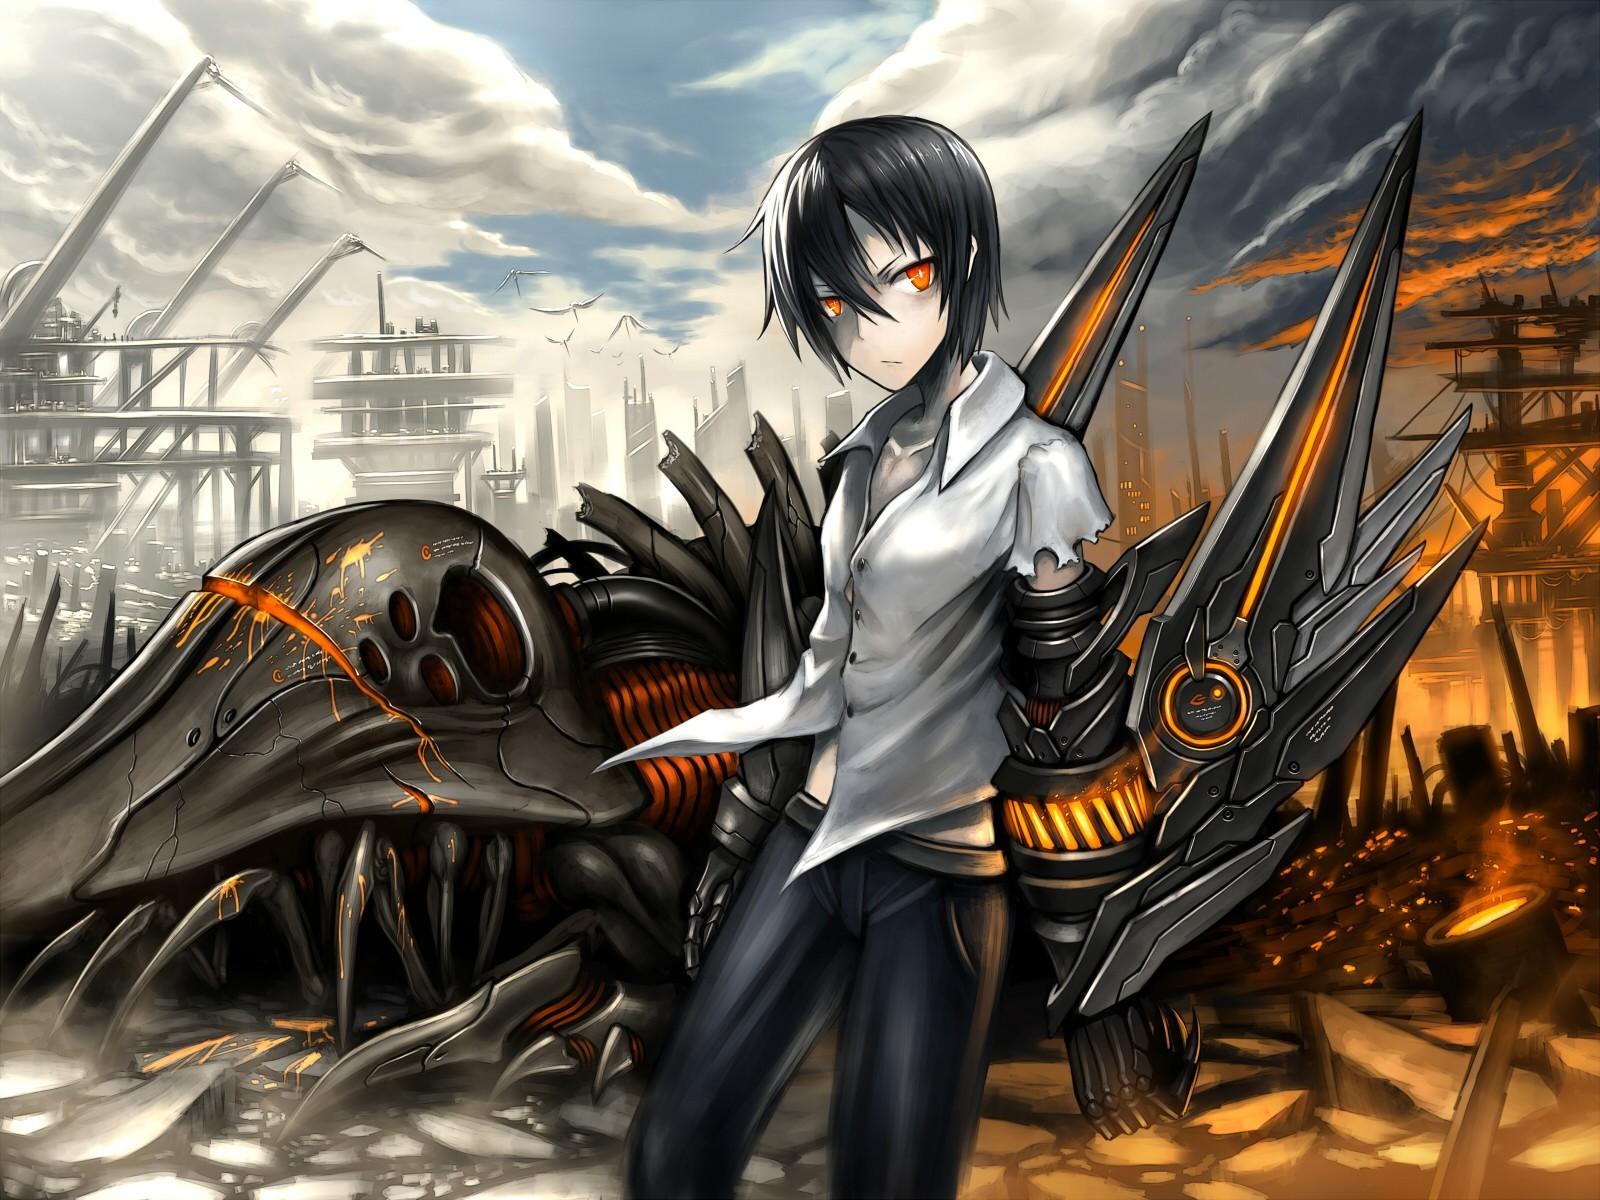 fond d'ecran anime 1600×1200